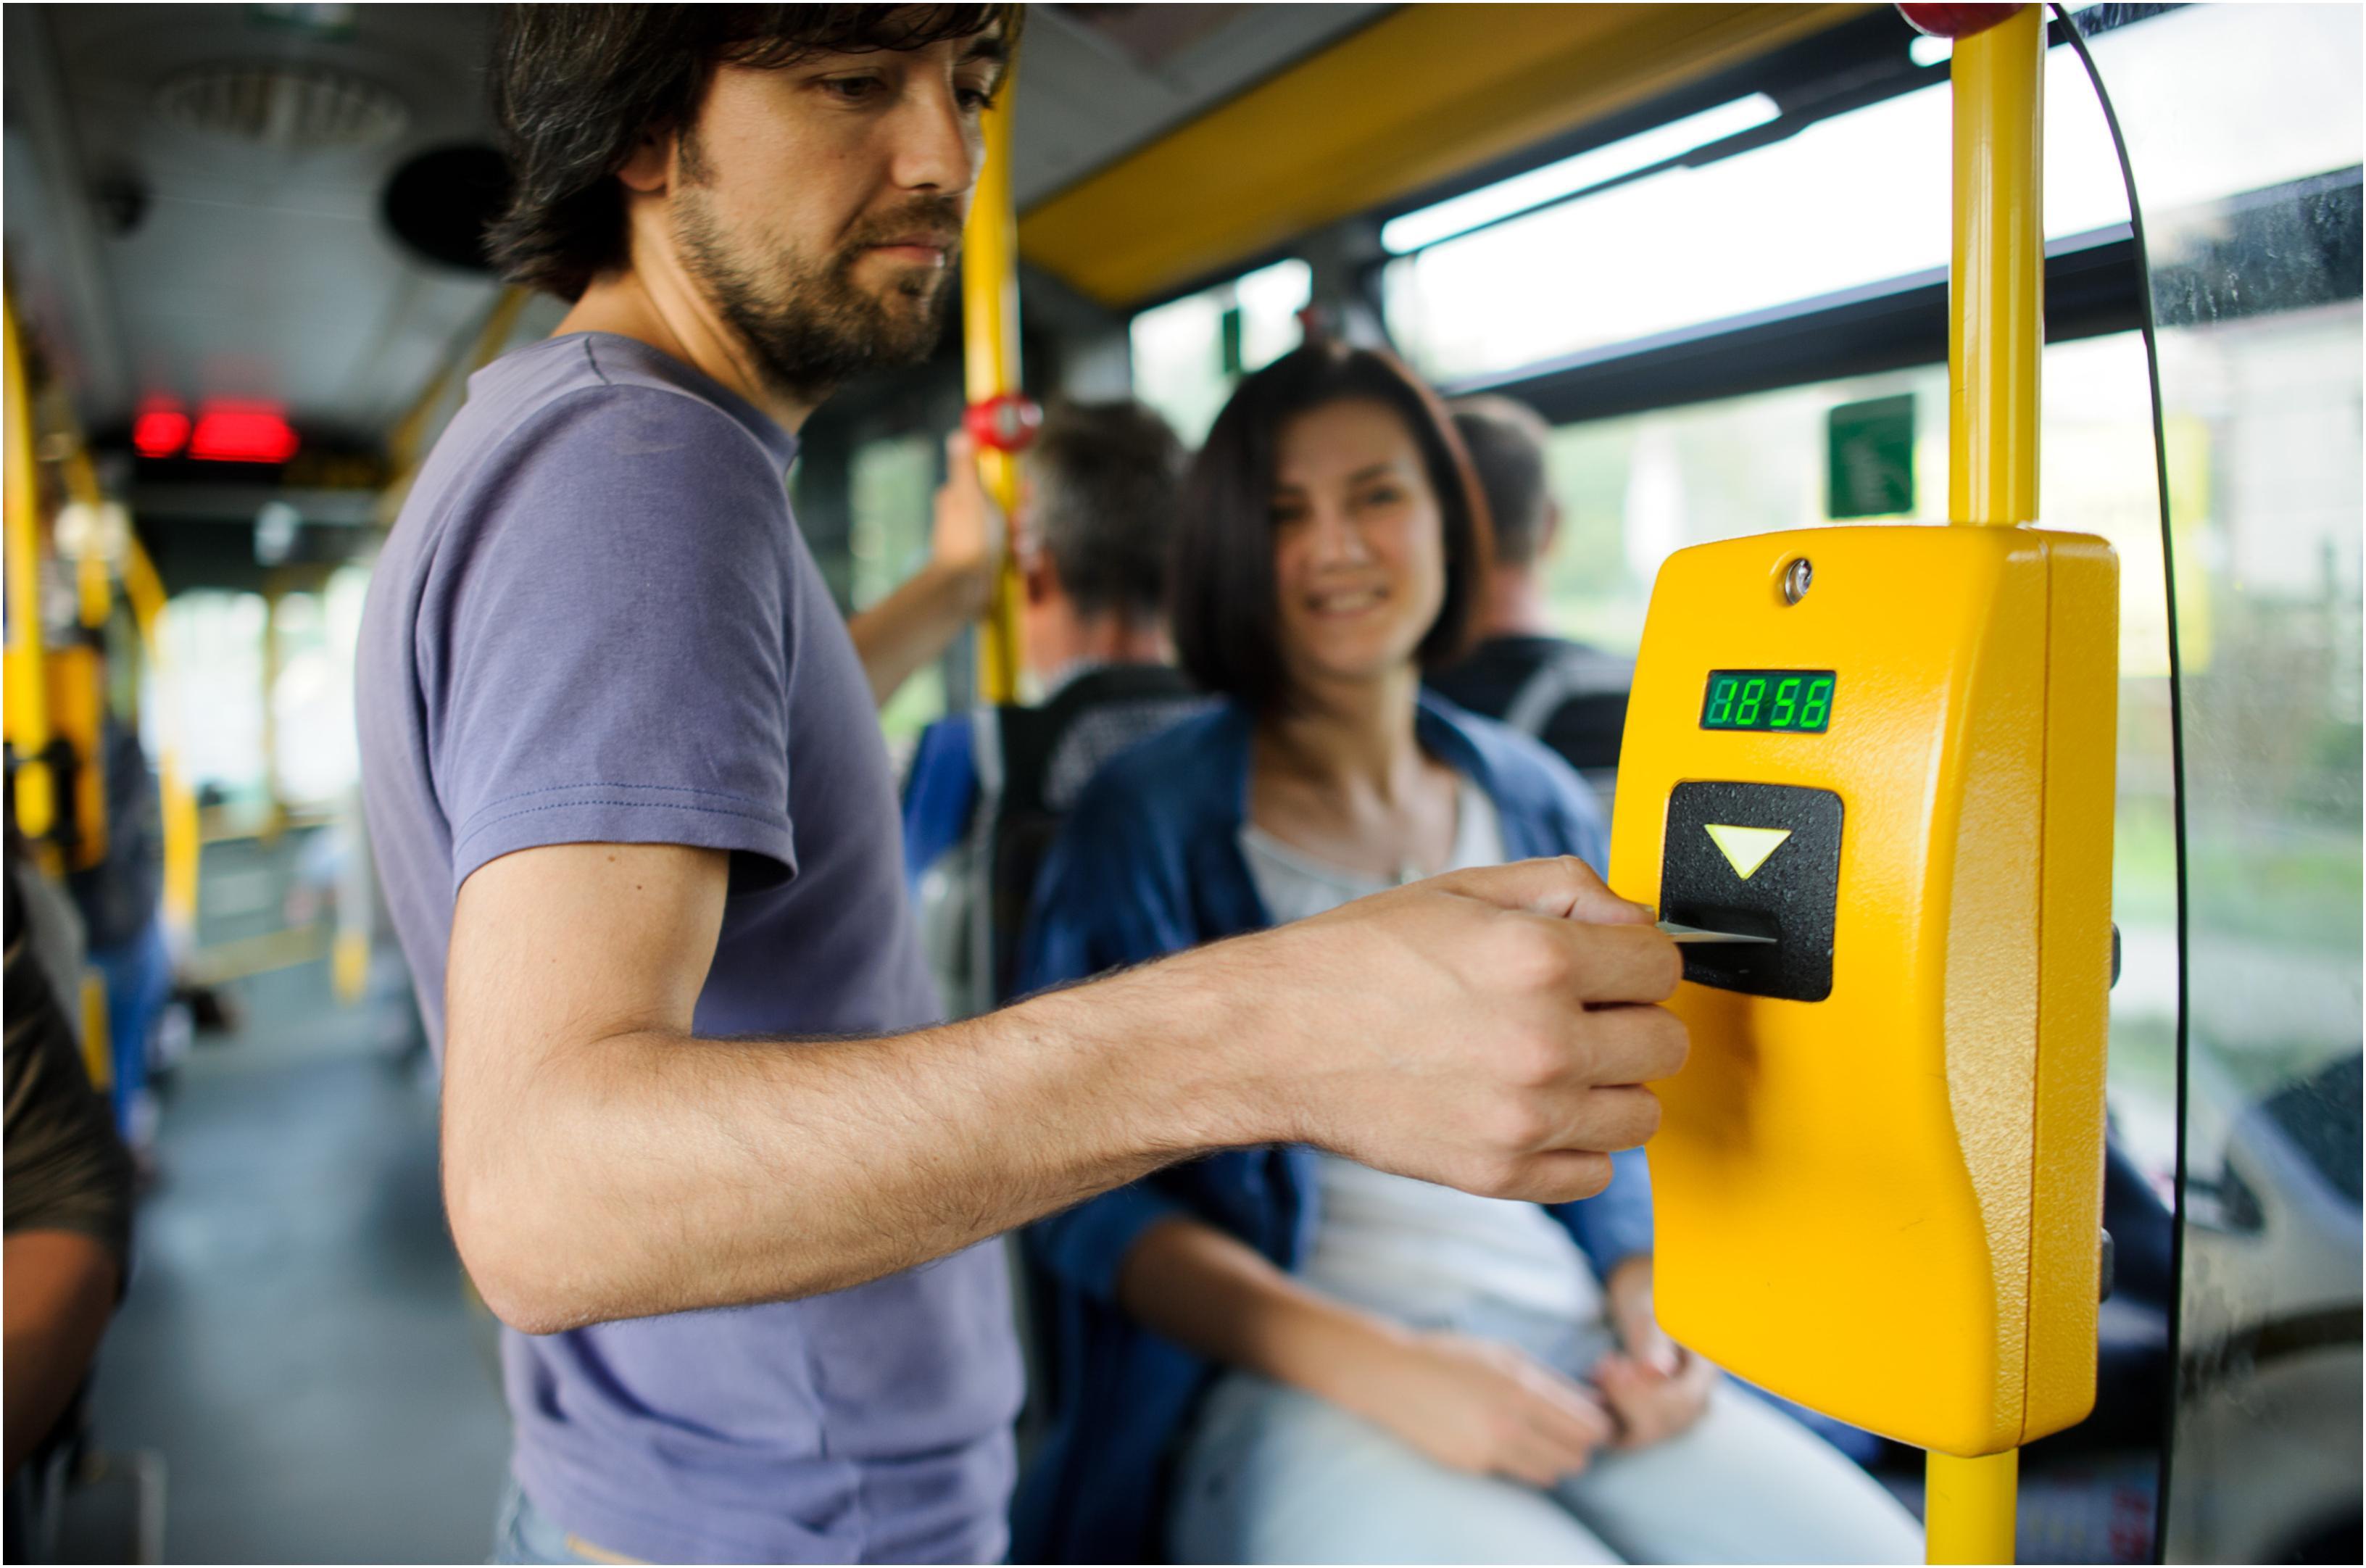 Ce trebuie să faci ca să obții bilete gratuite pentru transportul în comun. Călătorii fără bani pentru un simplu lucru, în Cluj